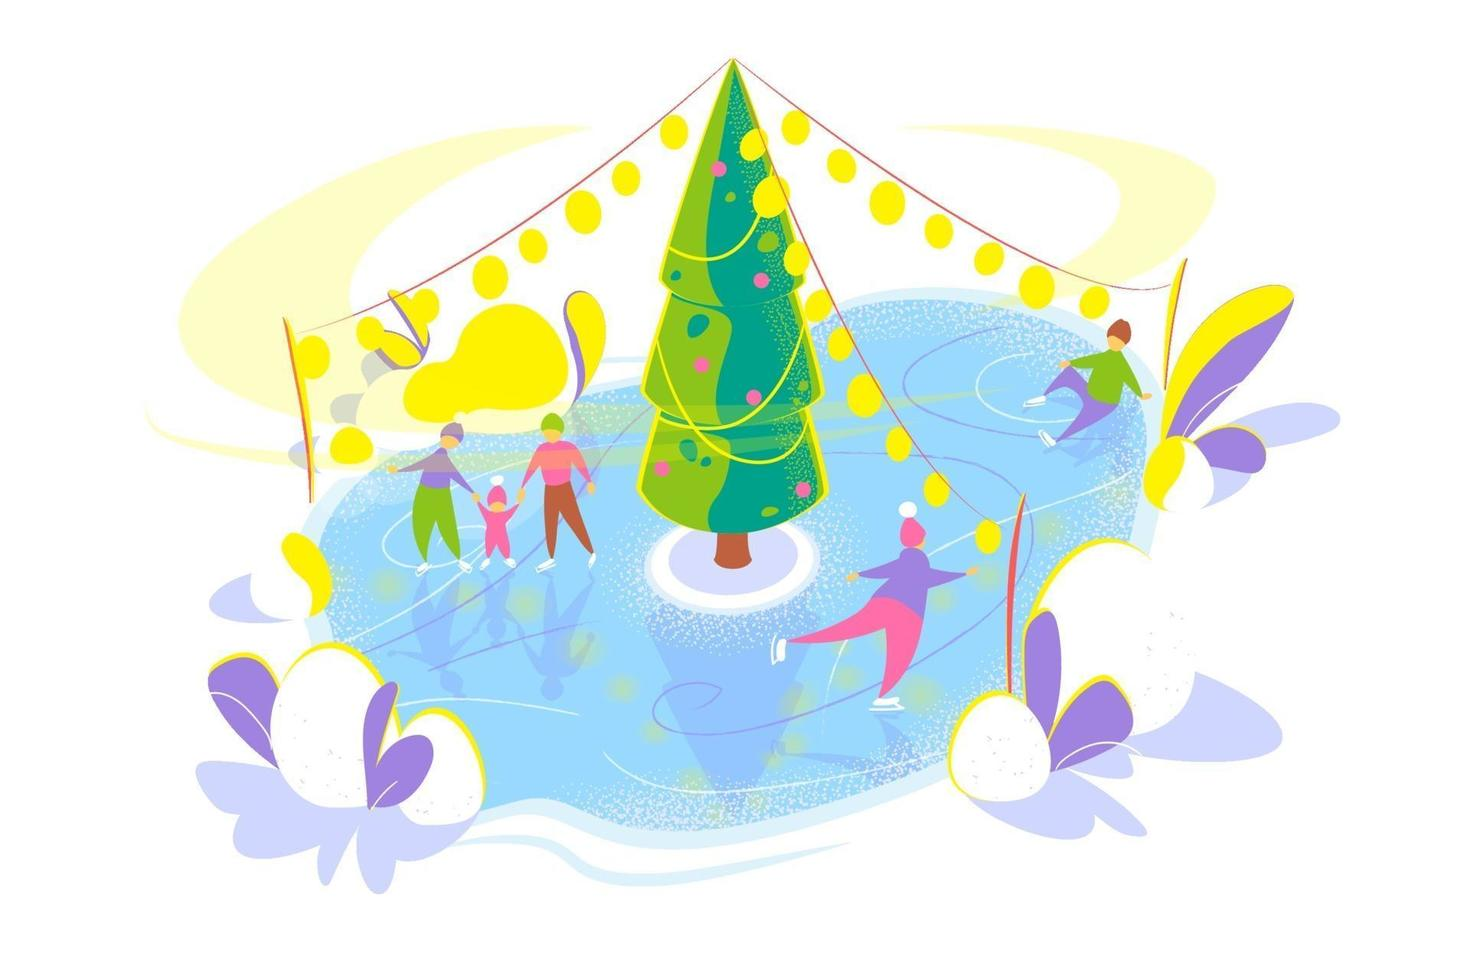 pattinaggio su ghiaccio persone sulla pista di pattinaggio su ghiaccio con albero di Natale. concetto di vacanze invernali nevose. modello piatto stagionale su sfondo bianco. carta vacanze di Natale. illustrazione vettoriale isolato su sfondo bianco.